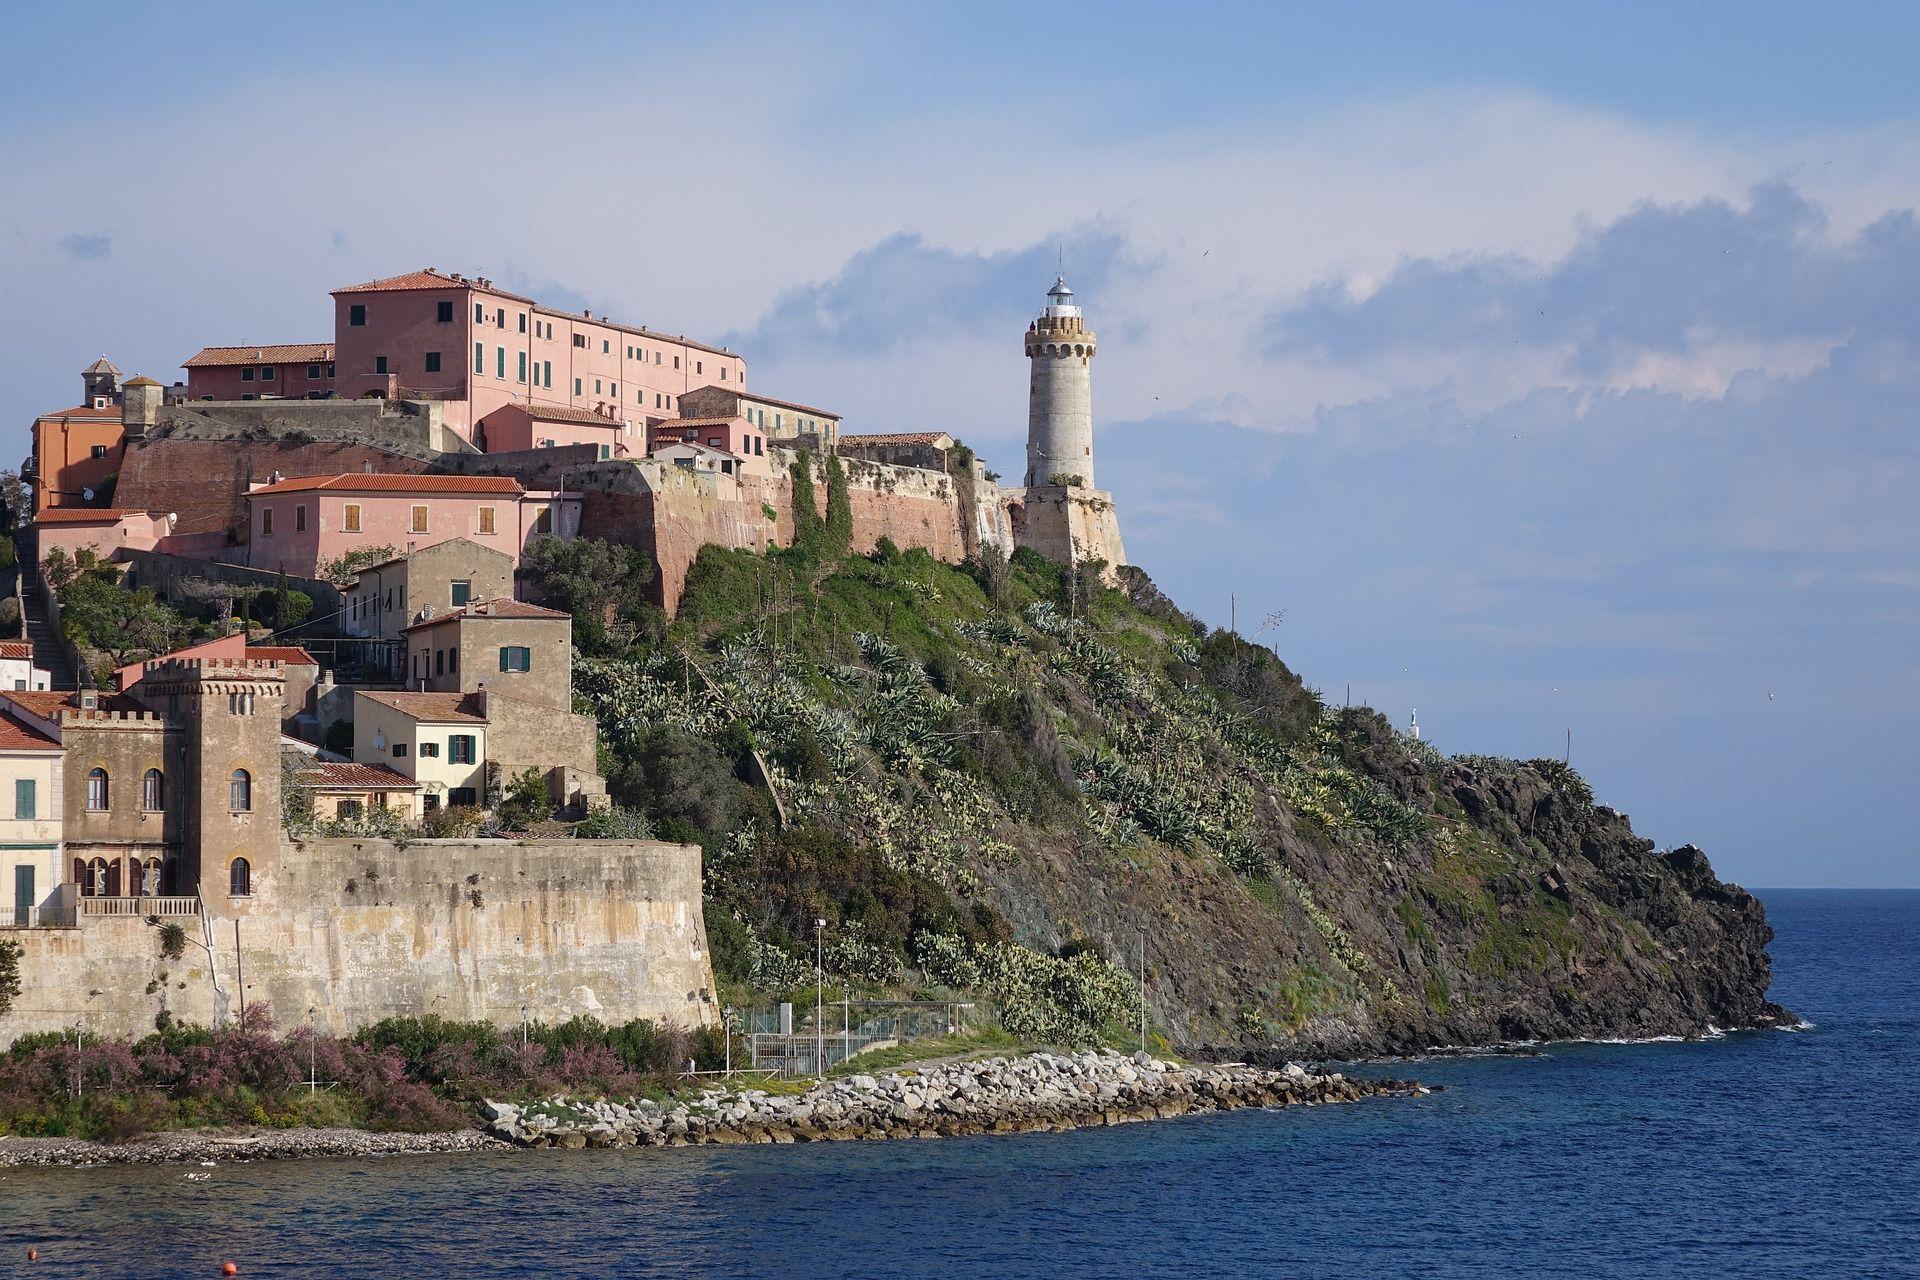 Portoferraio auf der Trauminsel Elba